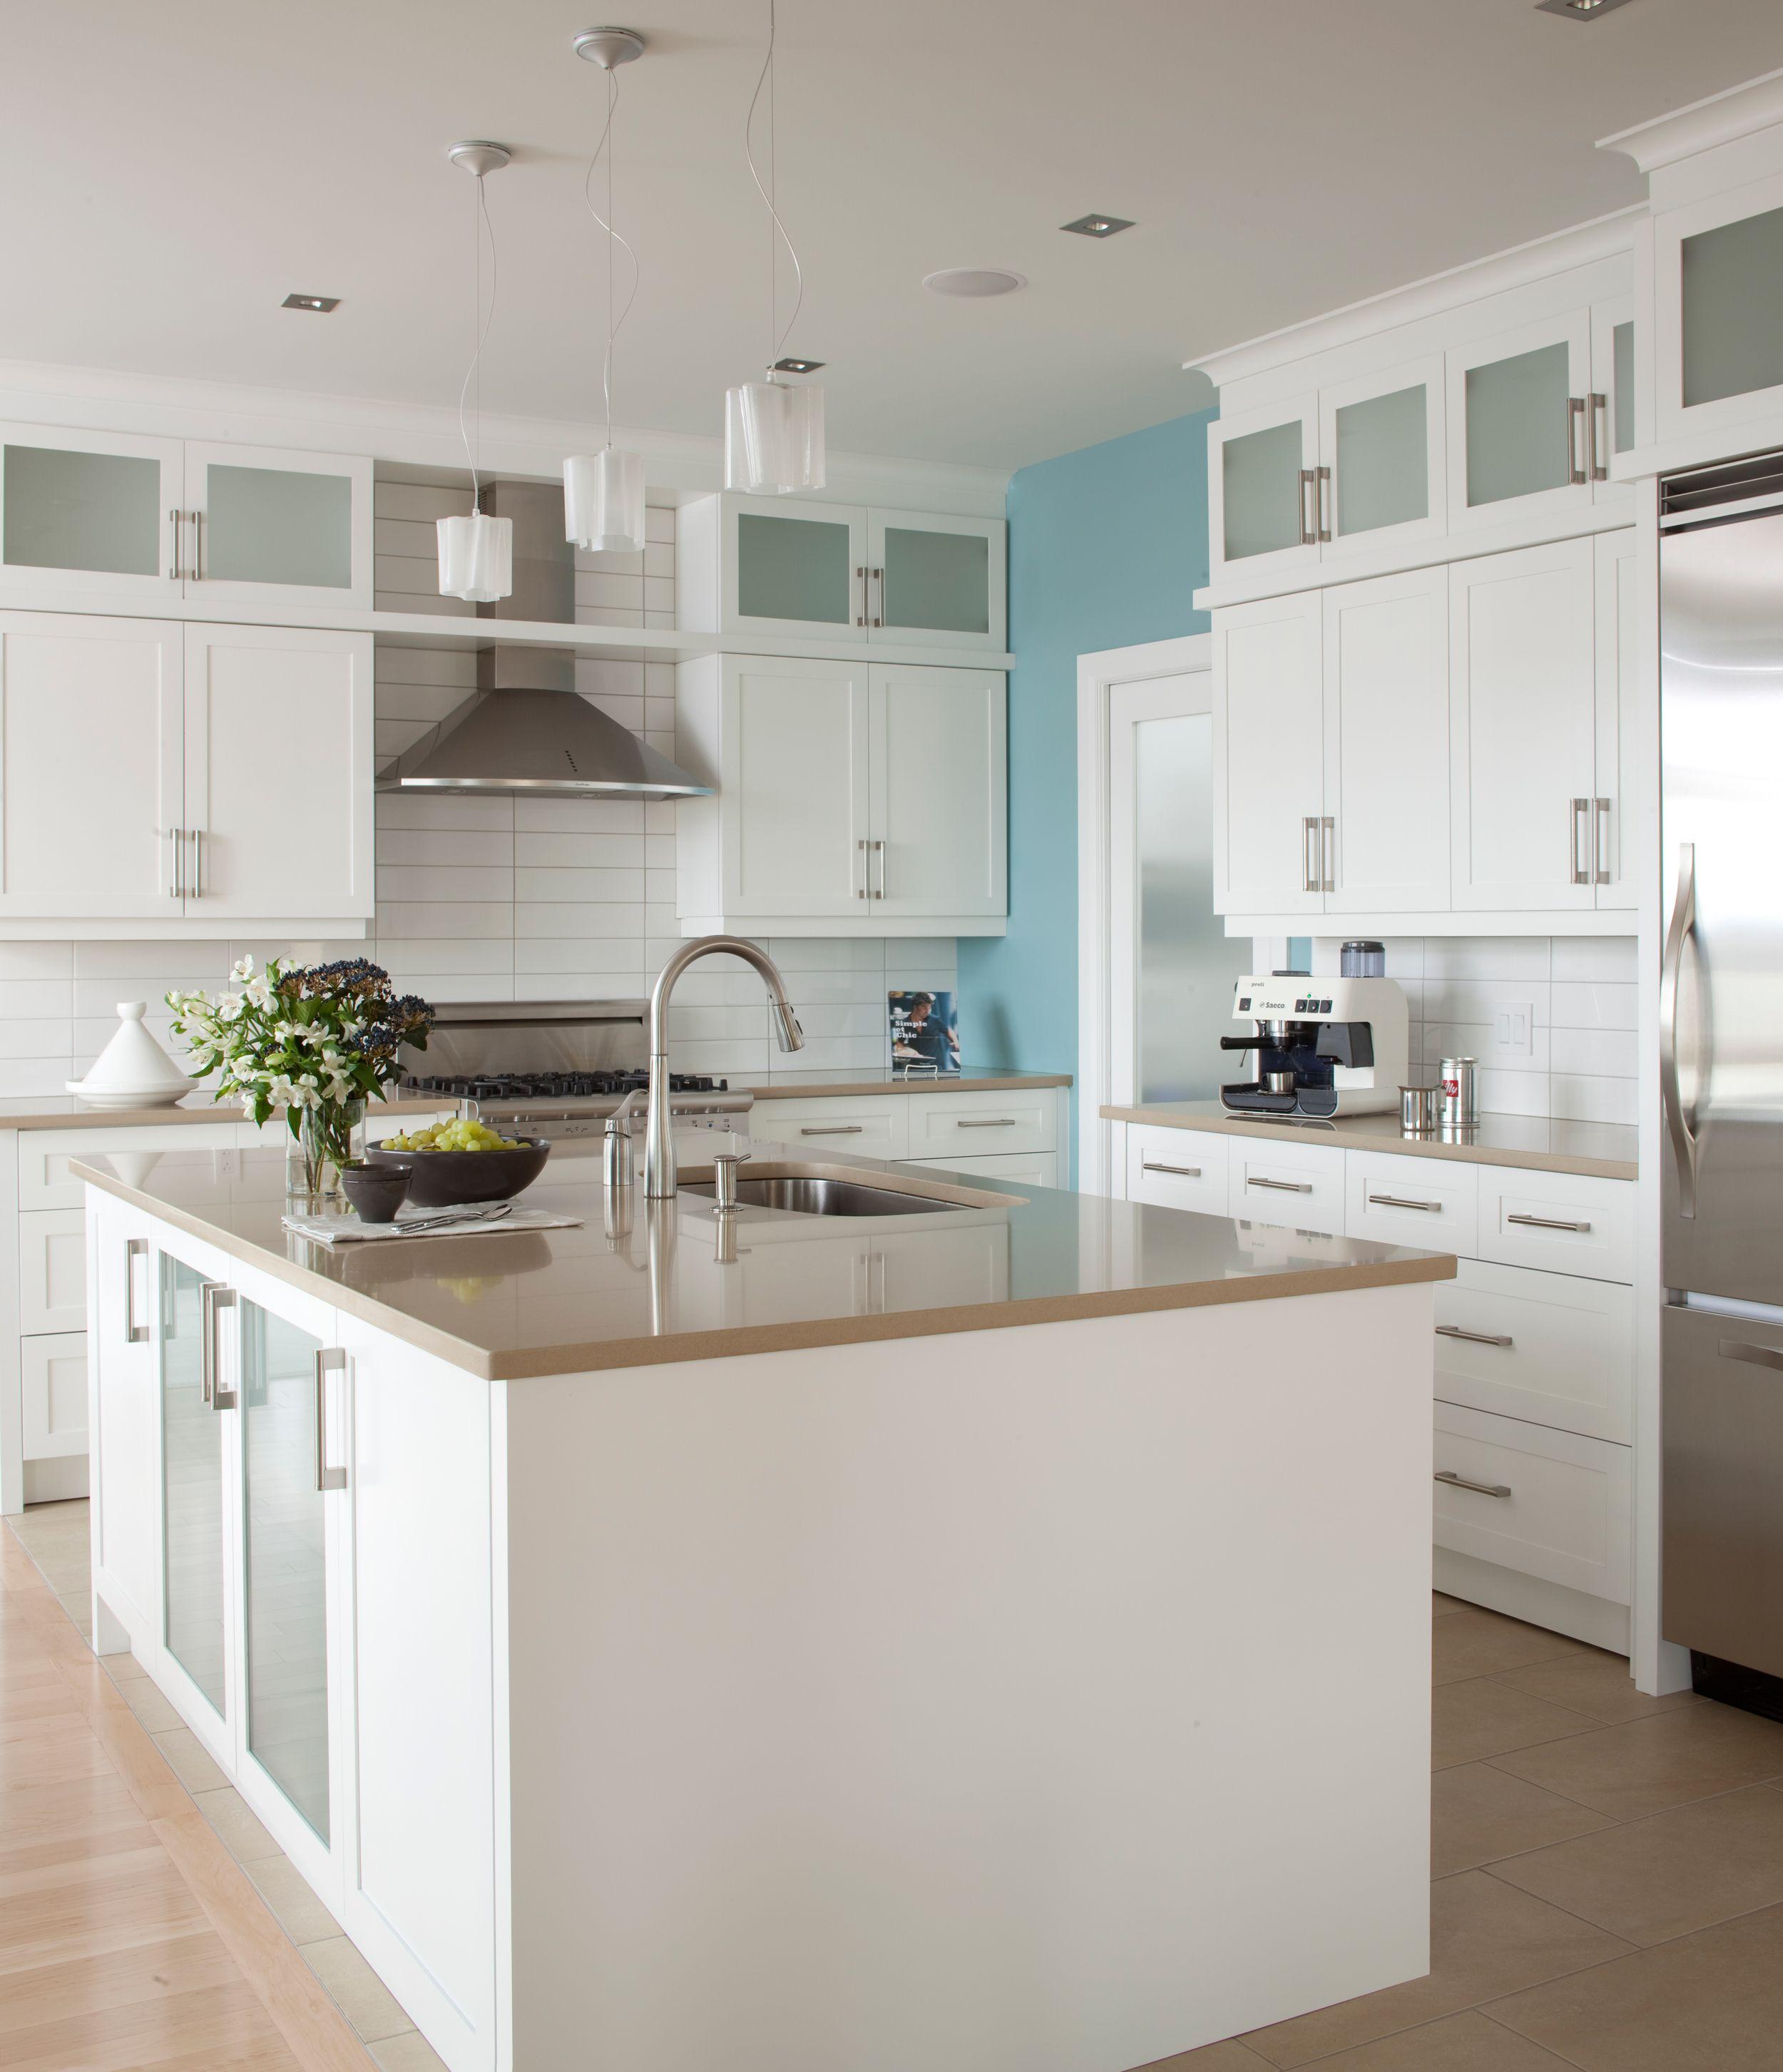 armoire de cuisine et vanit de salle de bains fabricant r novation simard cuisine et salle de. Black Bedroom Furniture Sets. Home Design Ideas